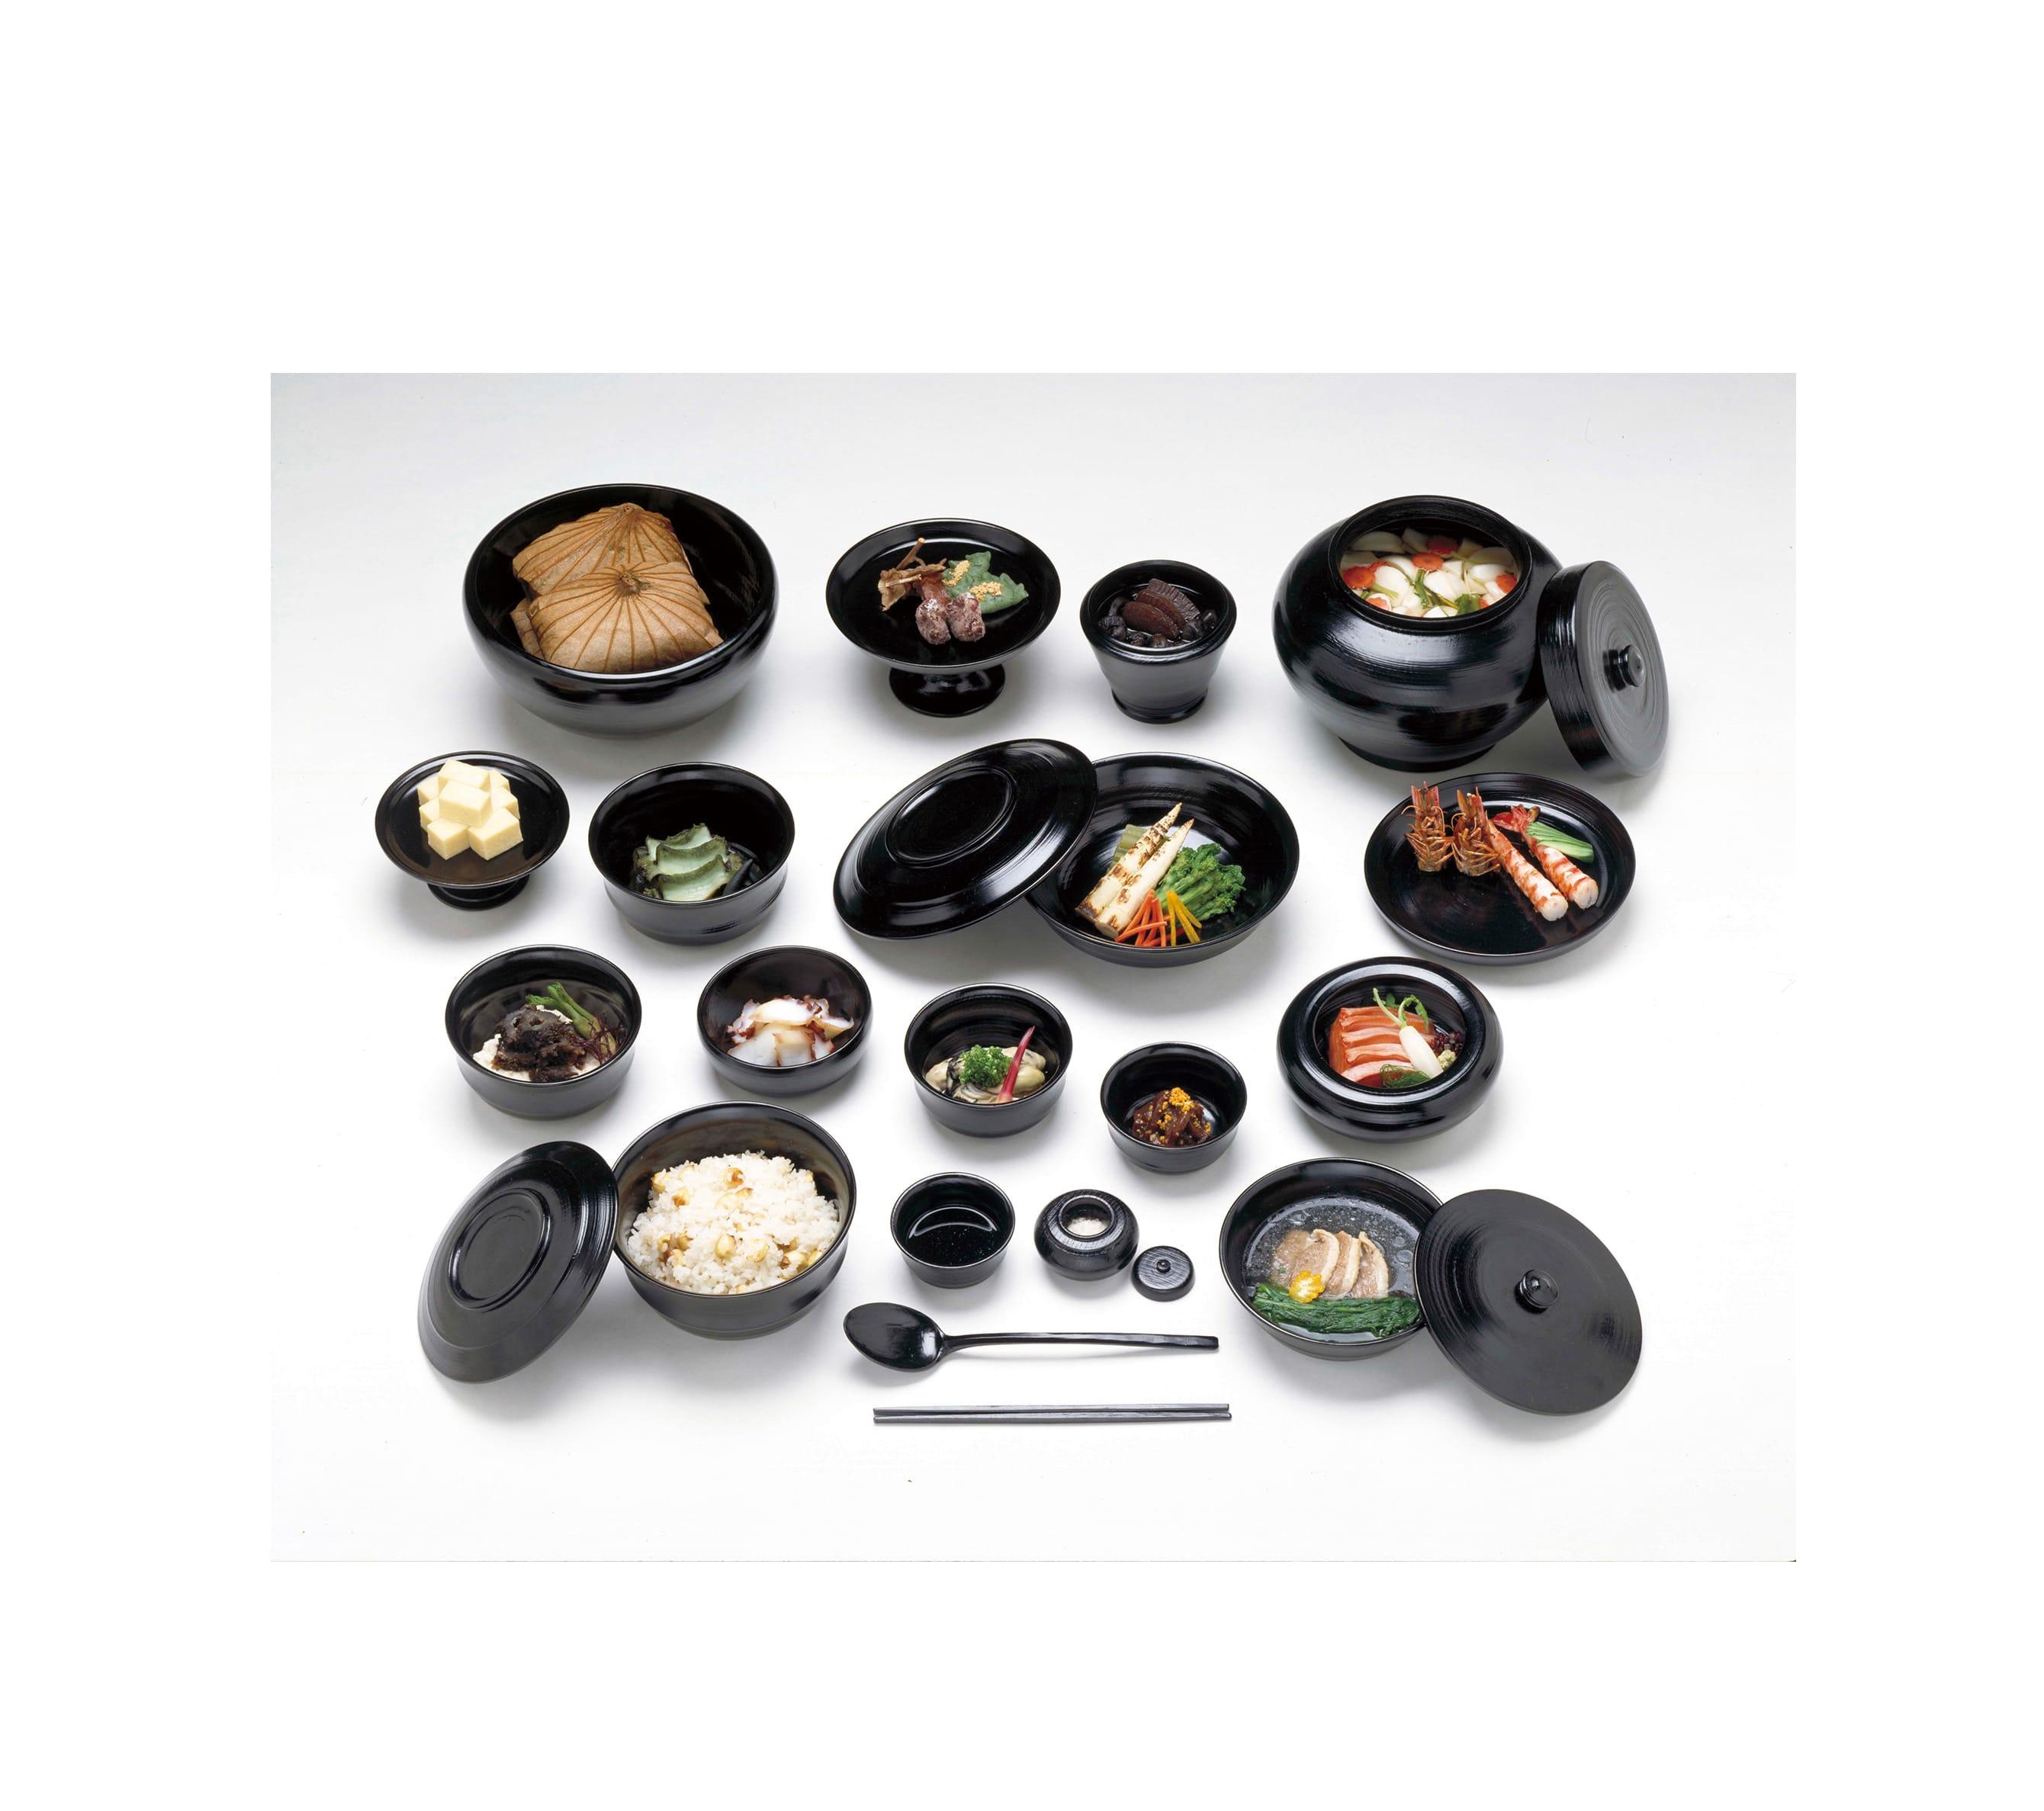 奈良時代の貴族の宴会料理の再現模型 奥村彪生監修 奈良文化財研究所蔵 平城京の長屋王邸宅跡から見つかった木簡をもとに、当時の宴会料理を再現。タコやエビ、ナス、タケノコなど、現代でもおなじみの食材が見られる。